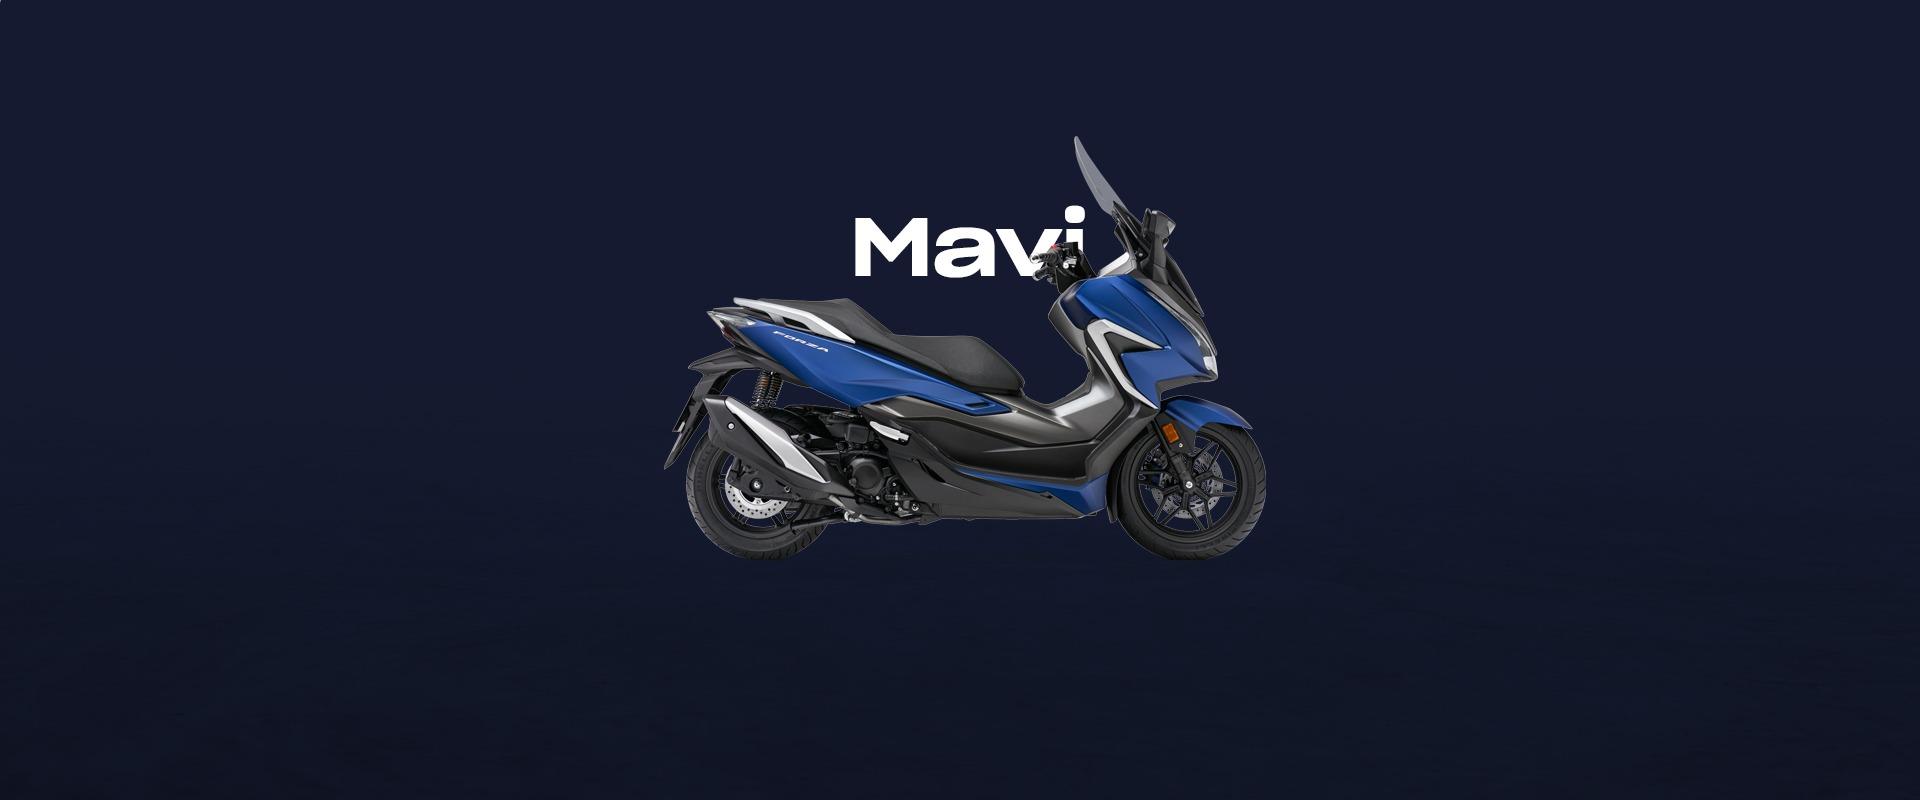 Delikanlı Motor Mavi